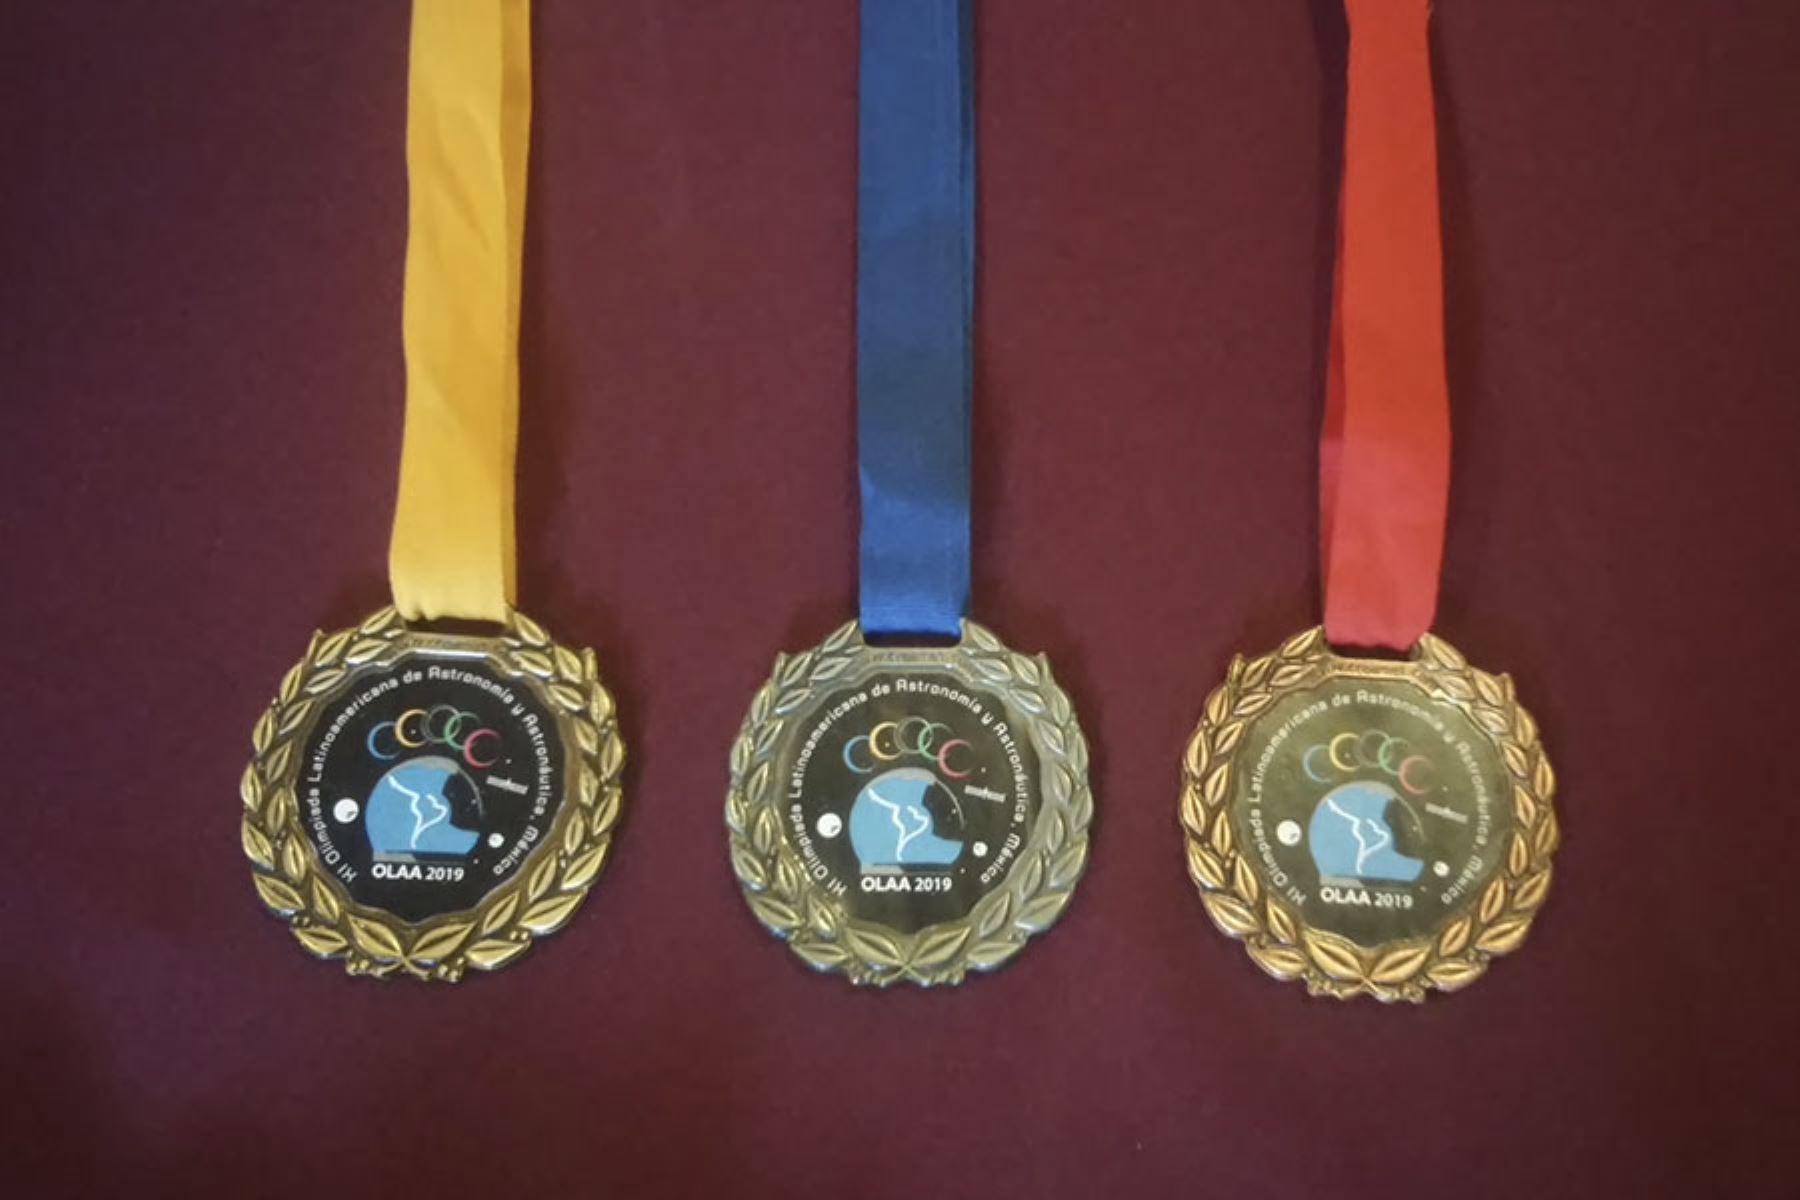 Cinco escolares de Villa María del Triunfo consiguieron una medalla de oro y dos de plata. Foto: XI Olimpiada Latinoamericana de Astronomía y Astronáutica 2019